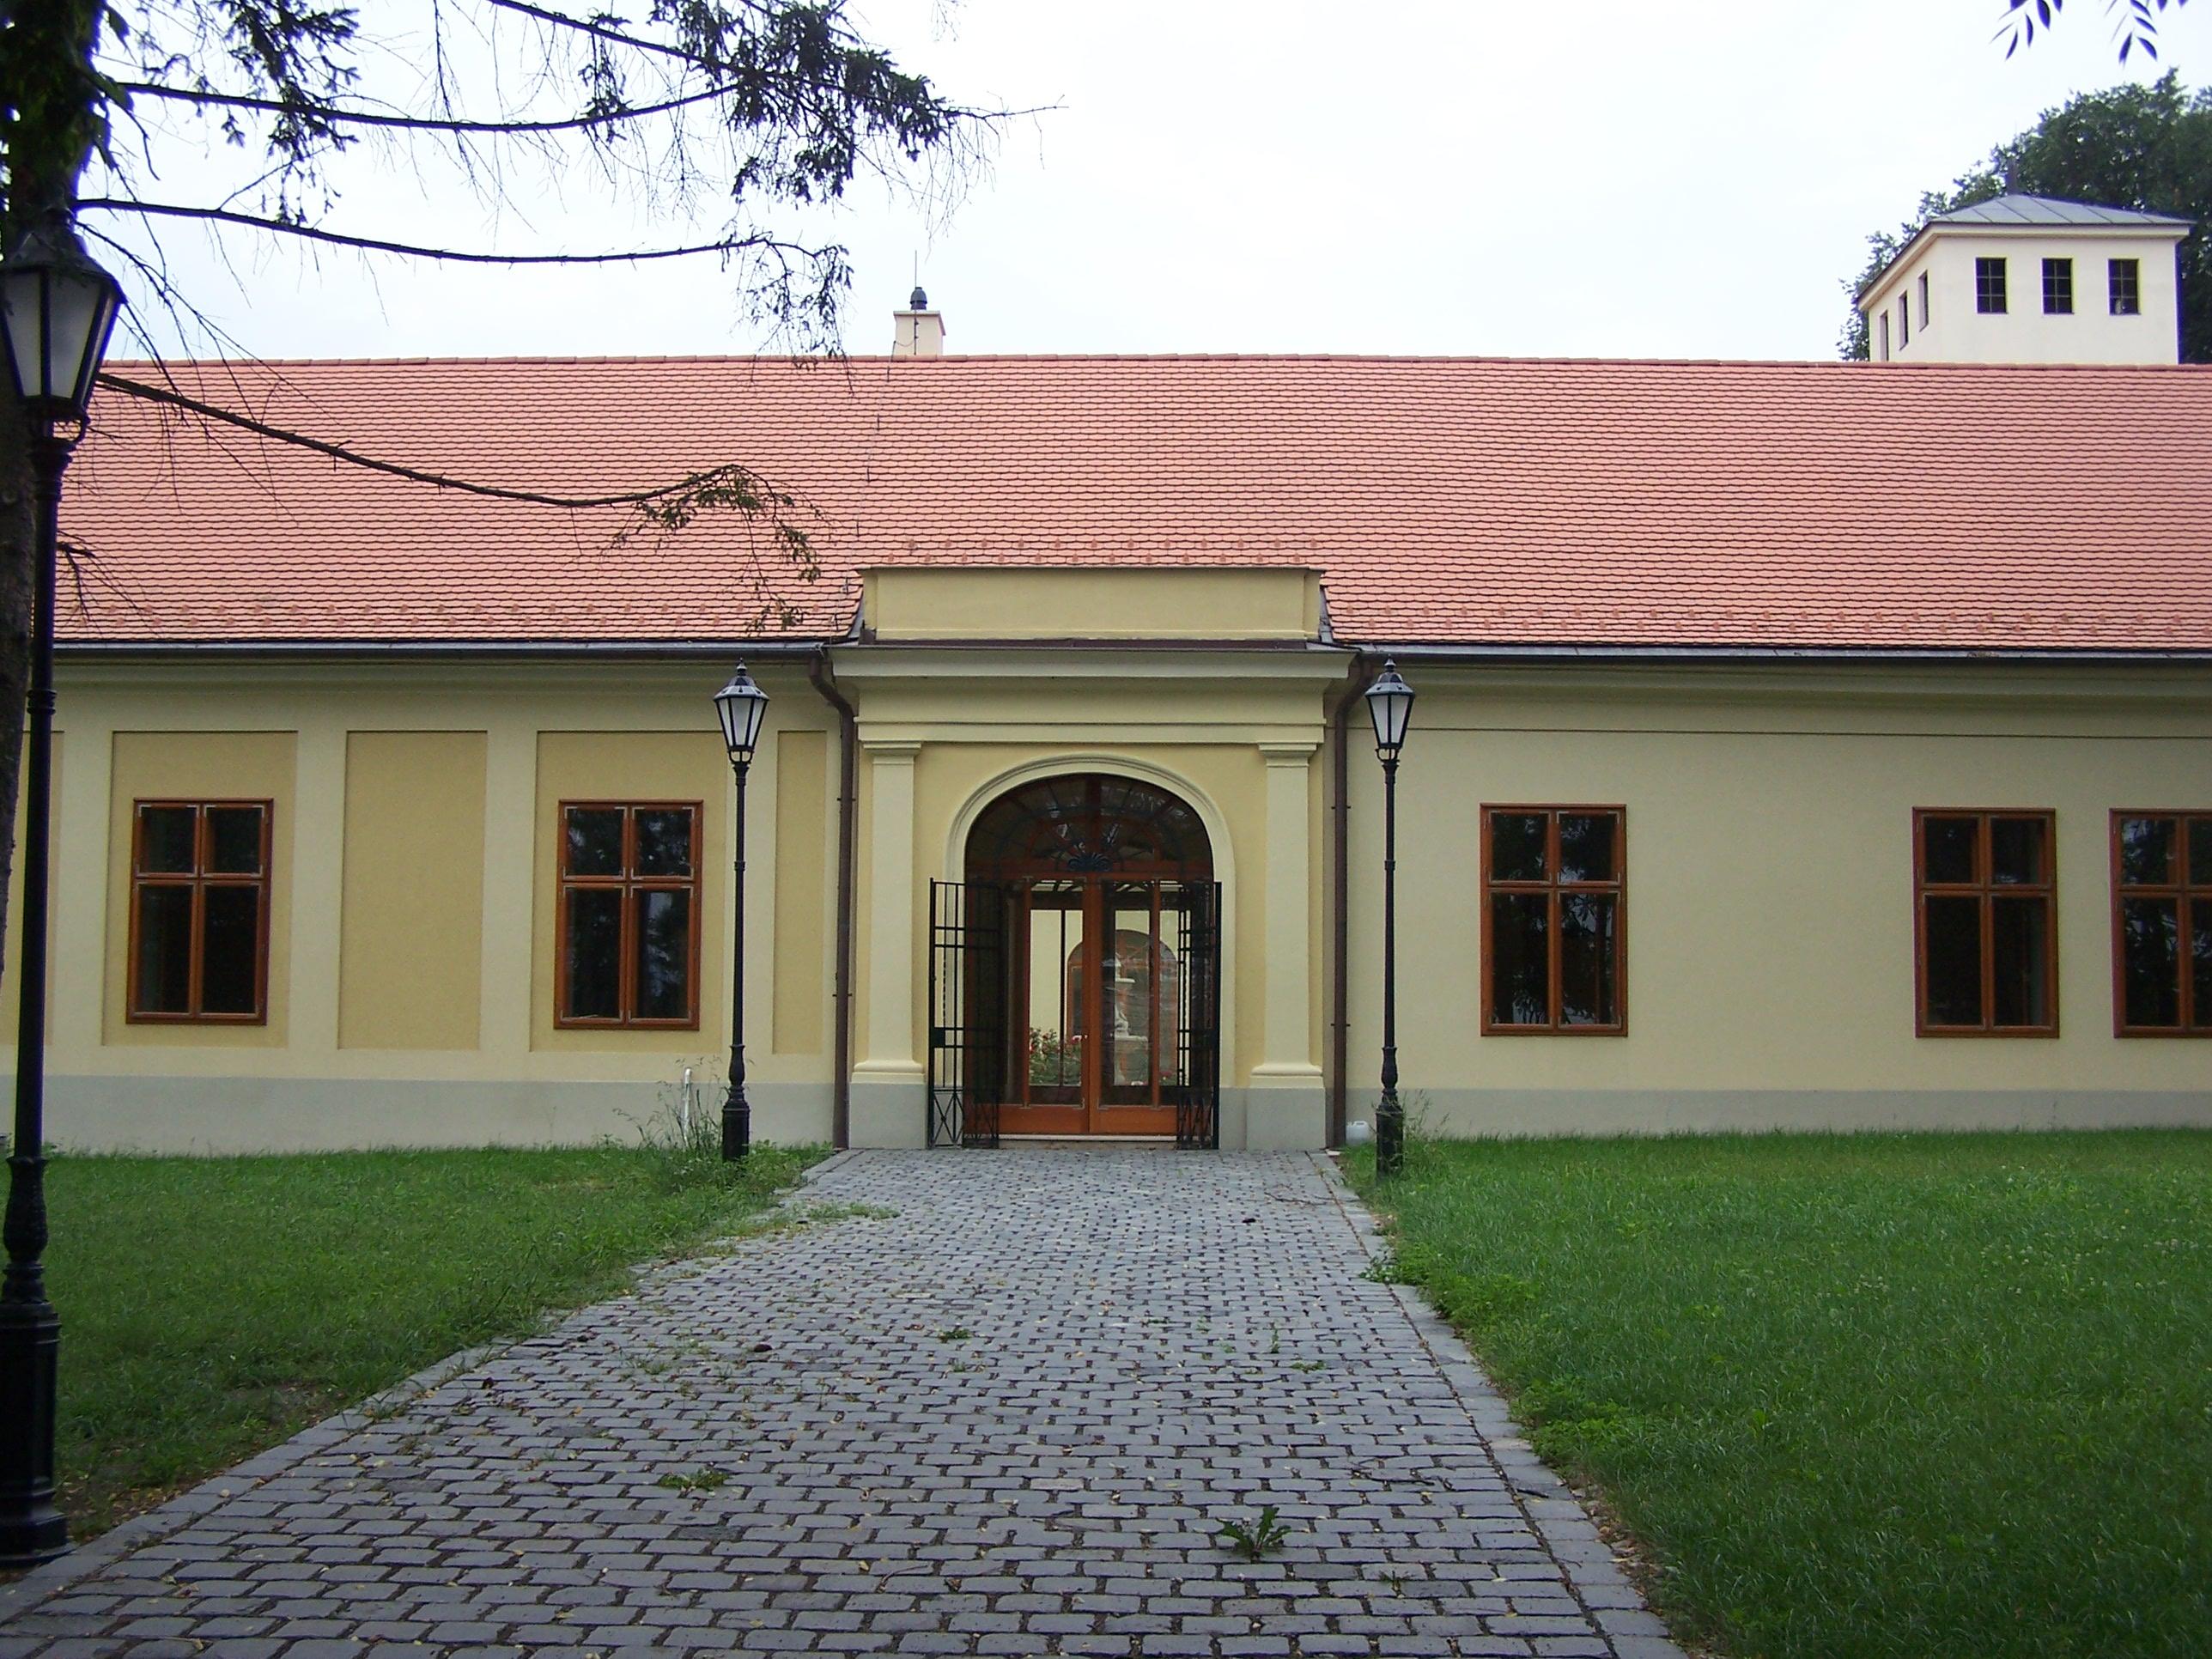 Latinovits-Bottlik-kúria (7561. számú műemlék).jpg